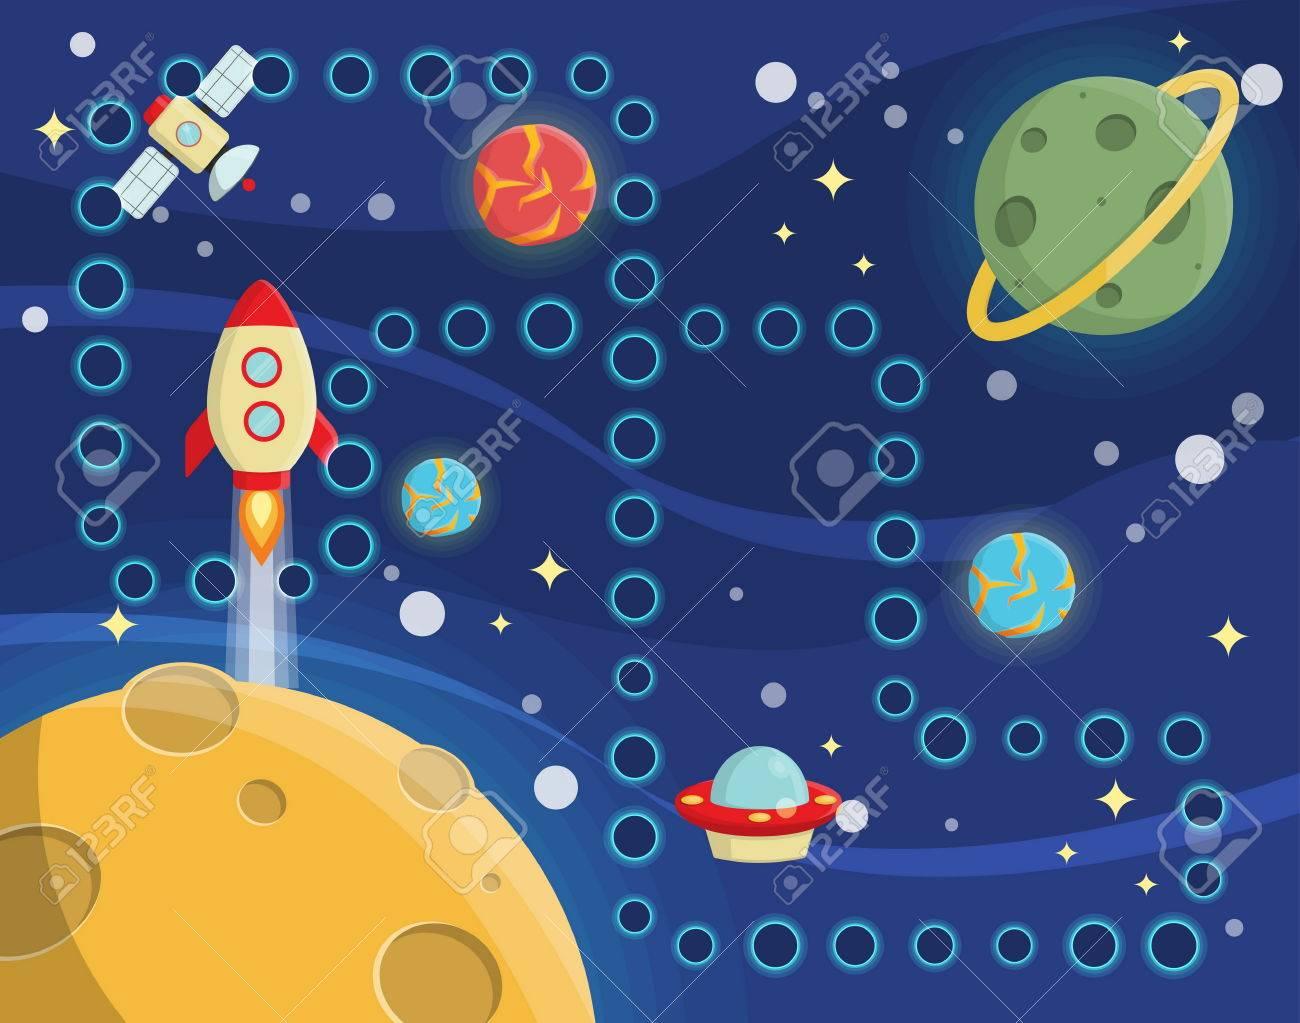 Preciosa Actividad De Juegos Para Niños Mantel Alfombra Para Las Carreras De Espacio De Juego De Competición Con El Fondo Del Espacio Exterior Planetas Solitarios Estrellas Naves Espaciales Y Satélites Ilustraciones Vectoriales